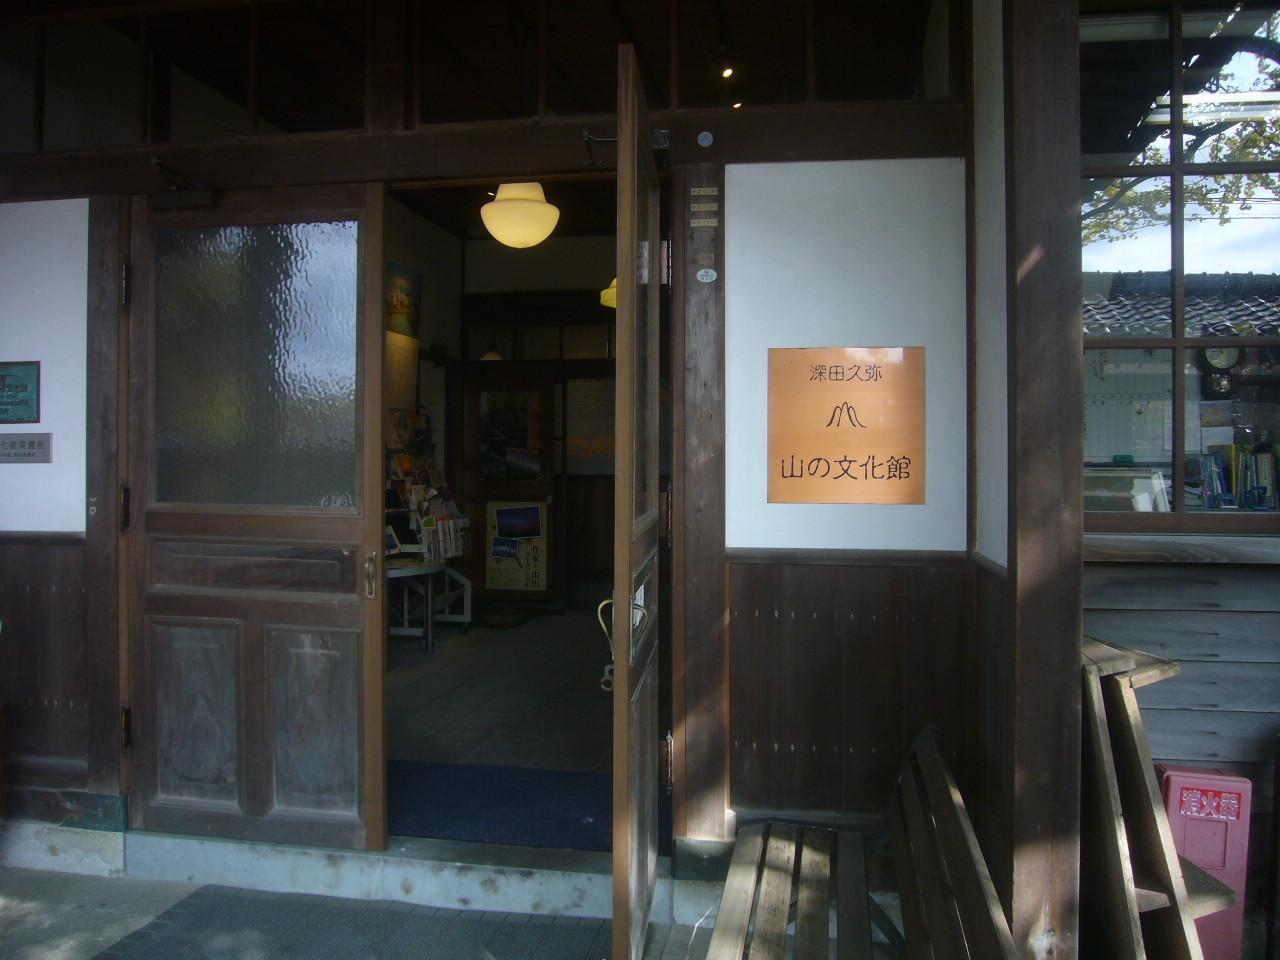 深田久弥文化館 H28.11.06